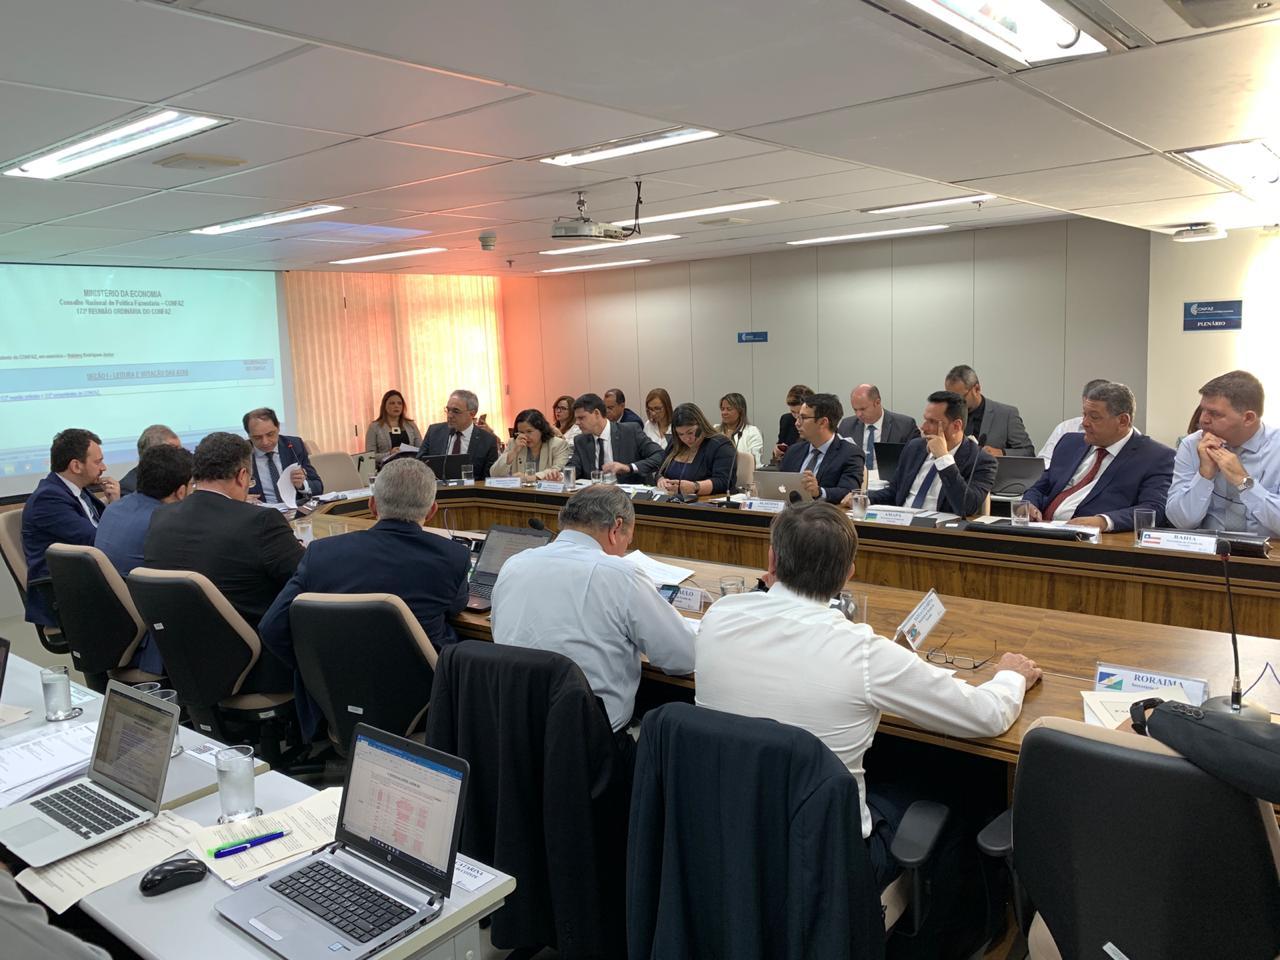 Wilson aprofunda discussão do ICMS de combustíveis em Brasília